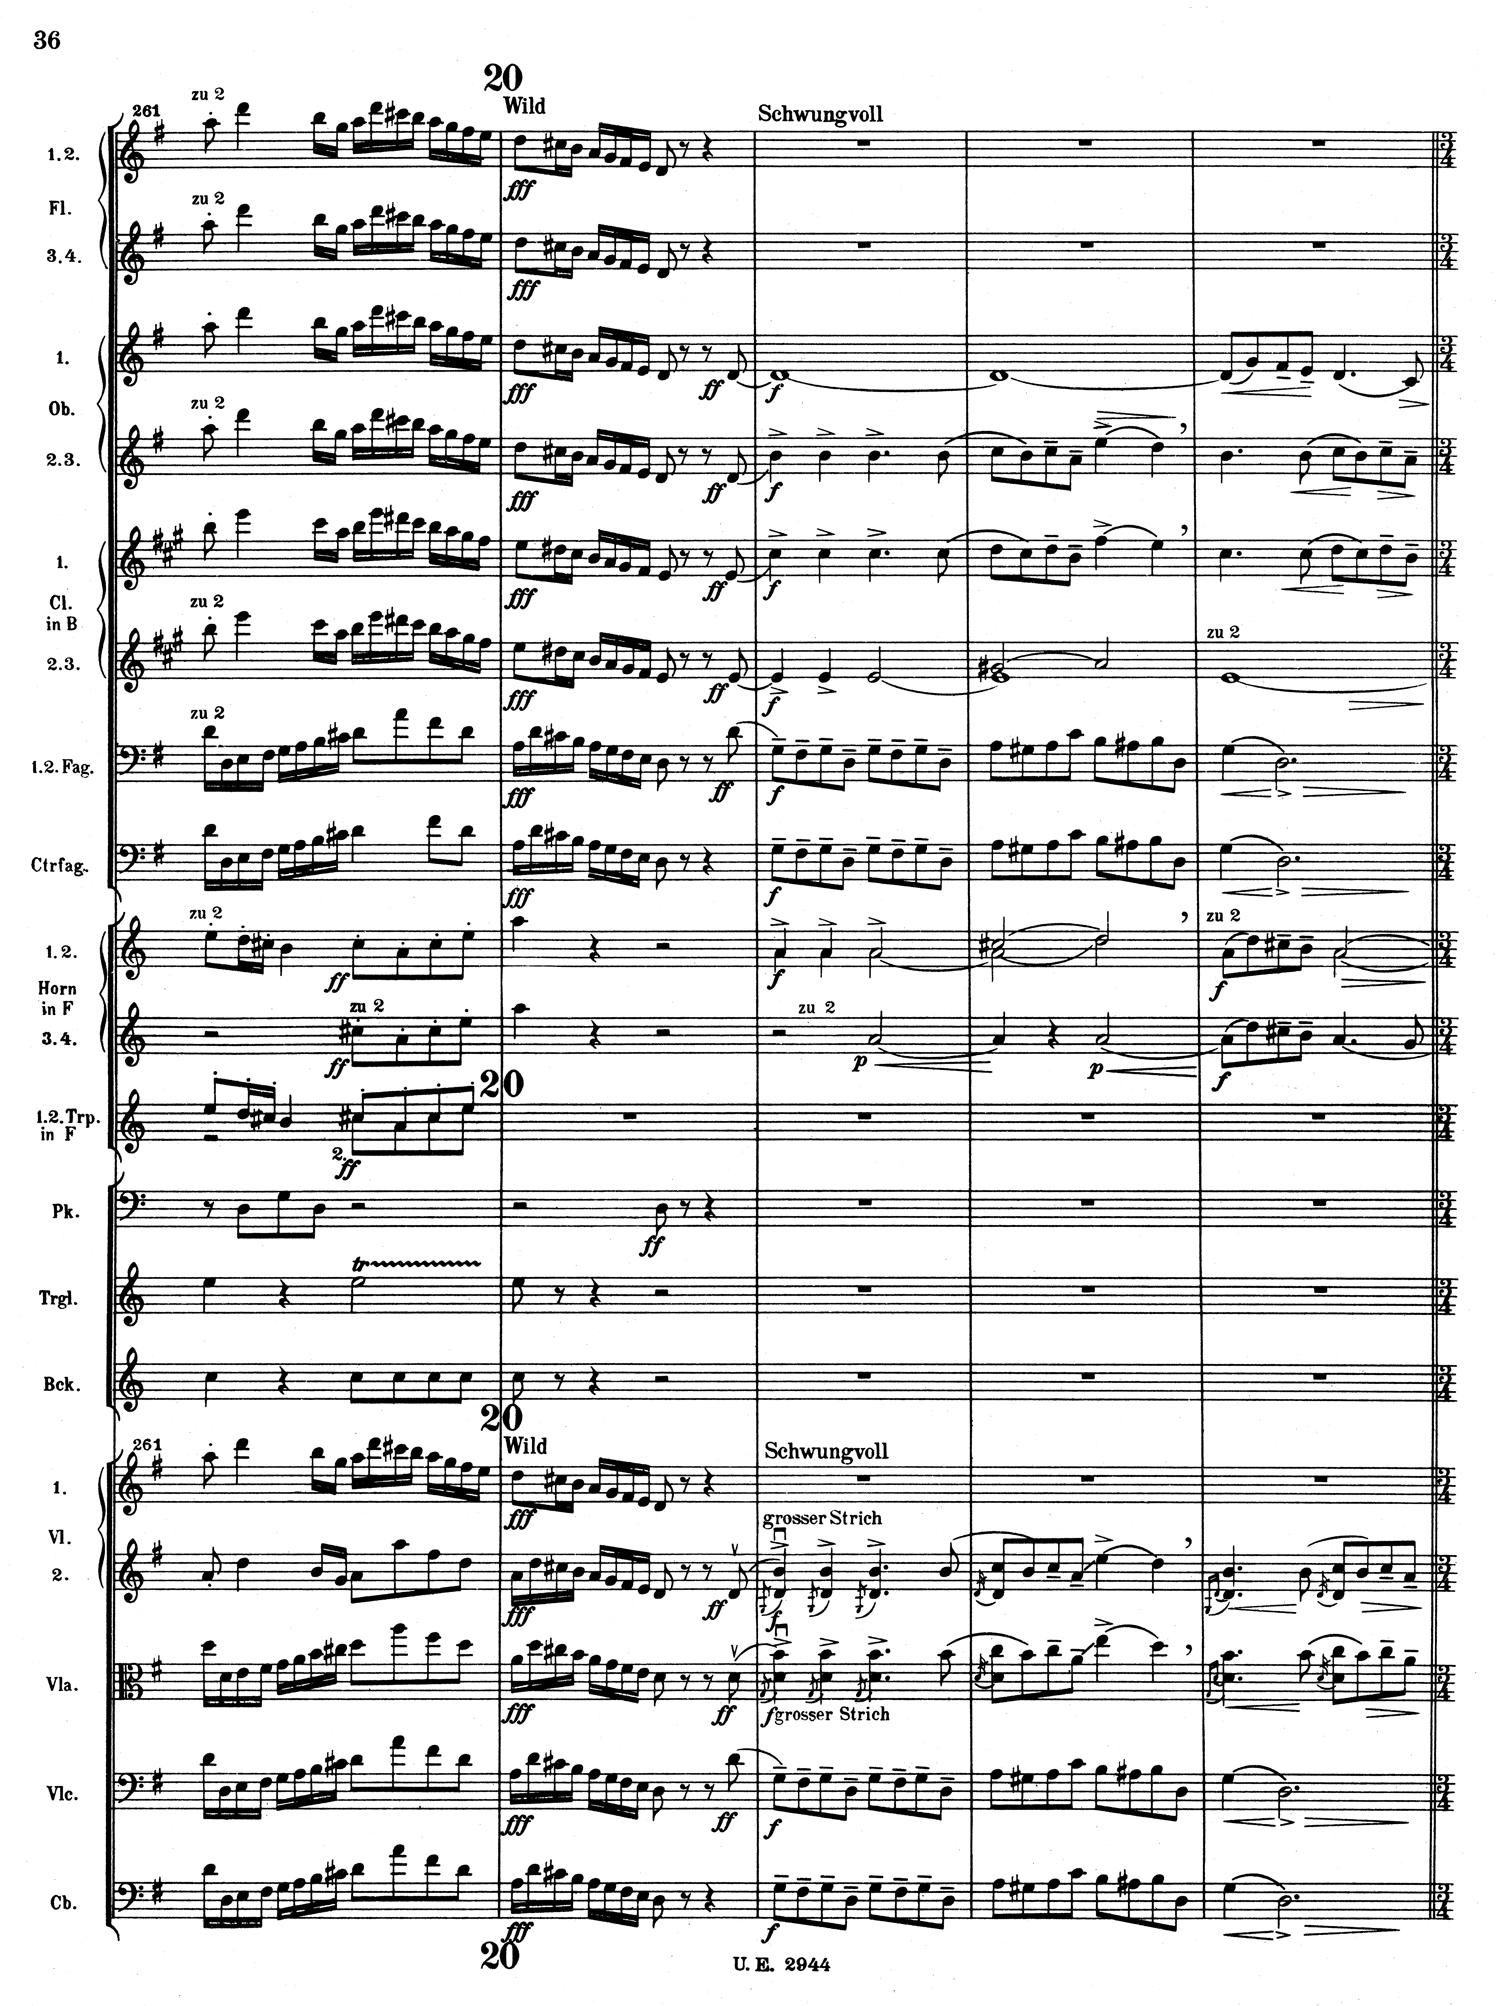 Mahler 4 Score 7.jpg